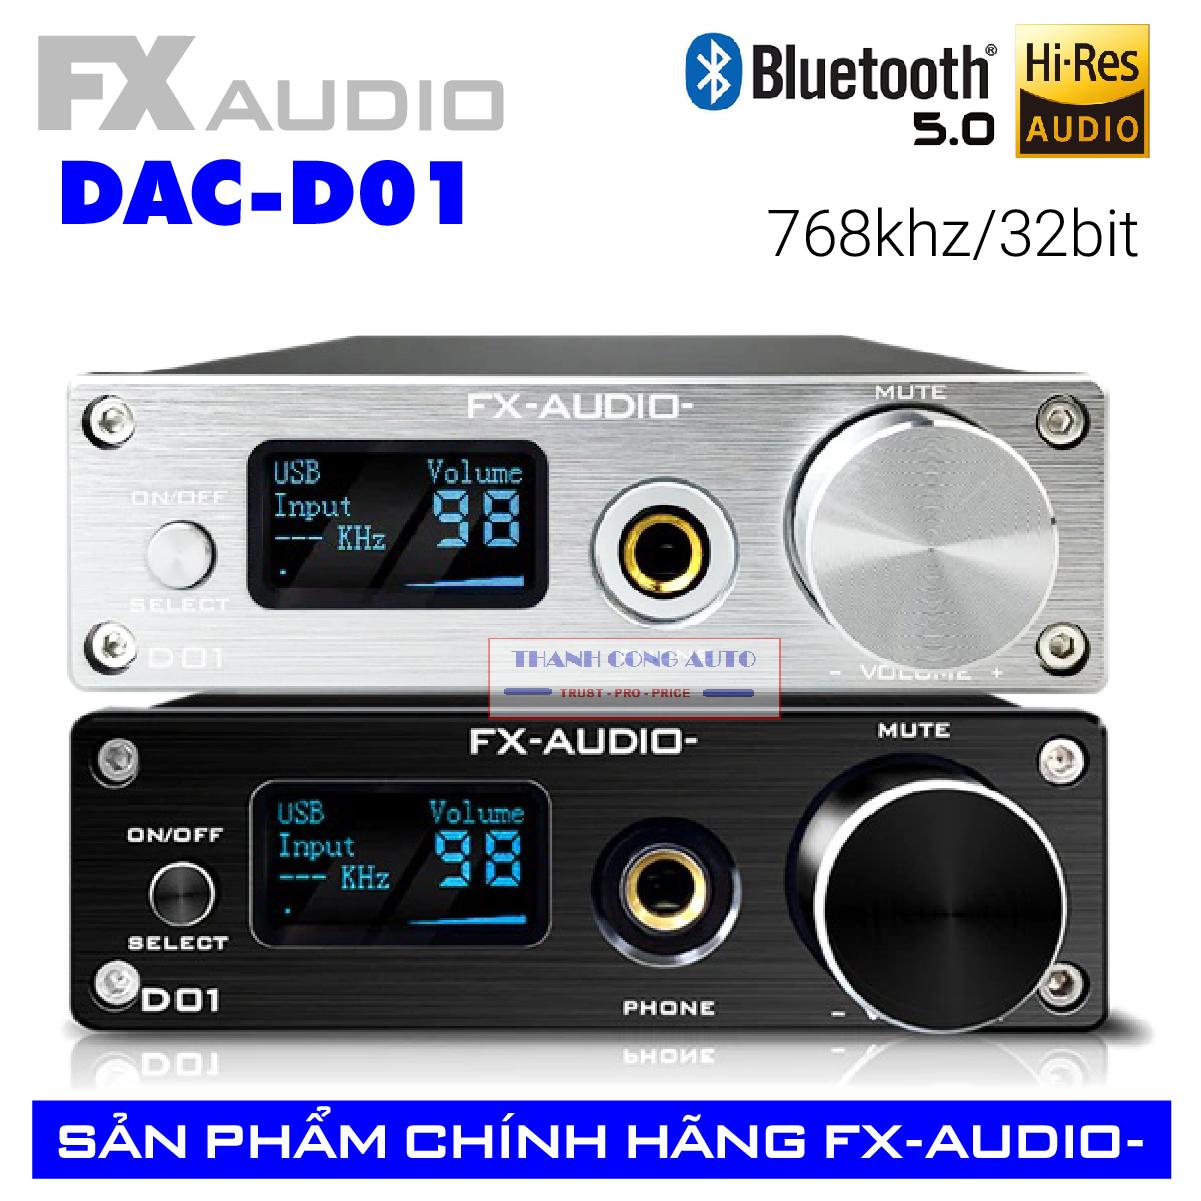 Bộ giải mã DAC FX audio D01 32bit Bluetooth - bản nâng cấp hoàn hảo của X7